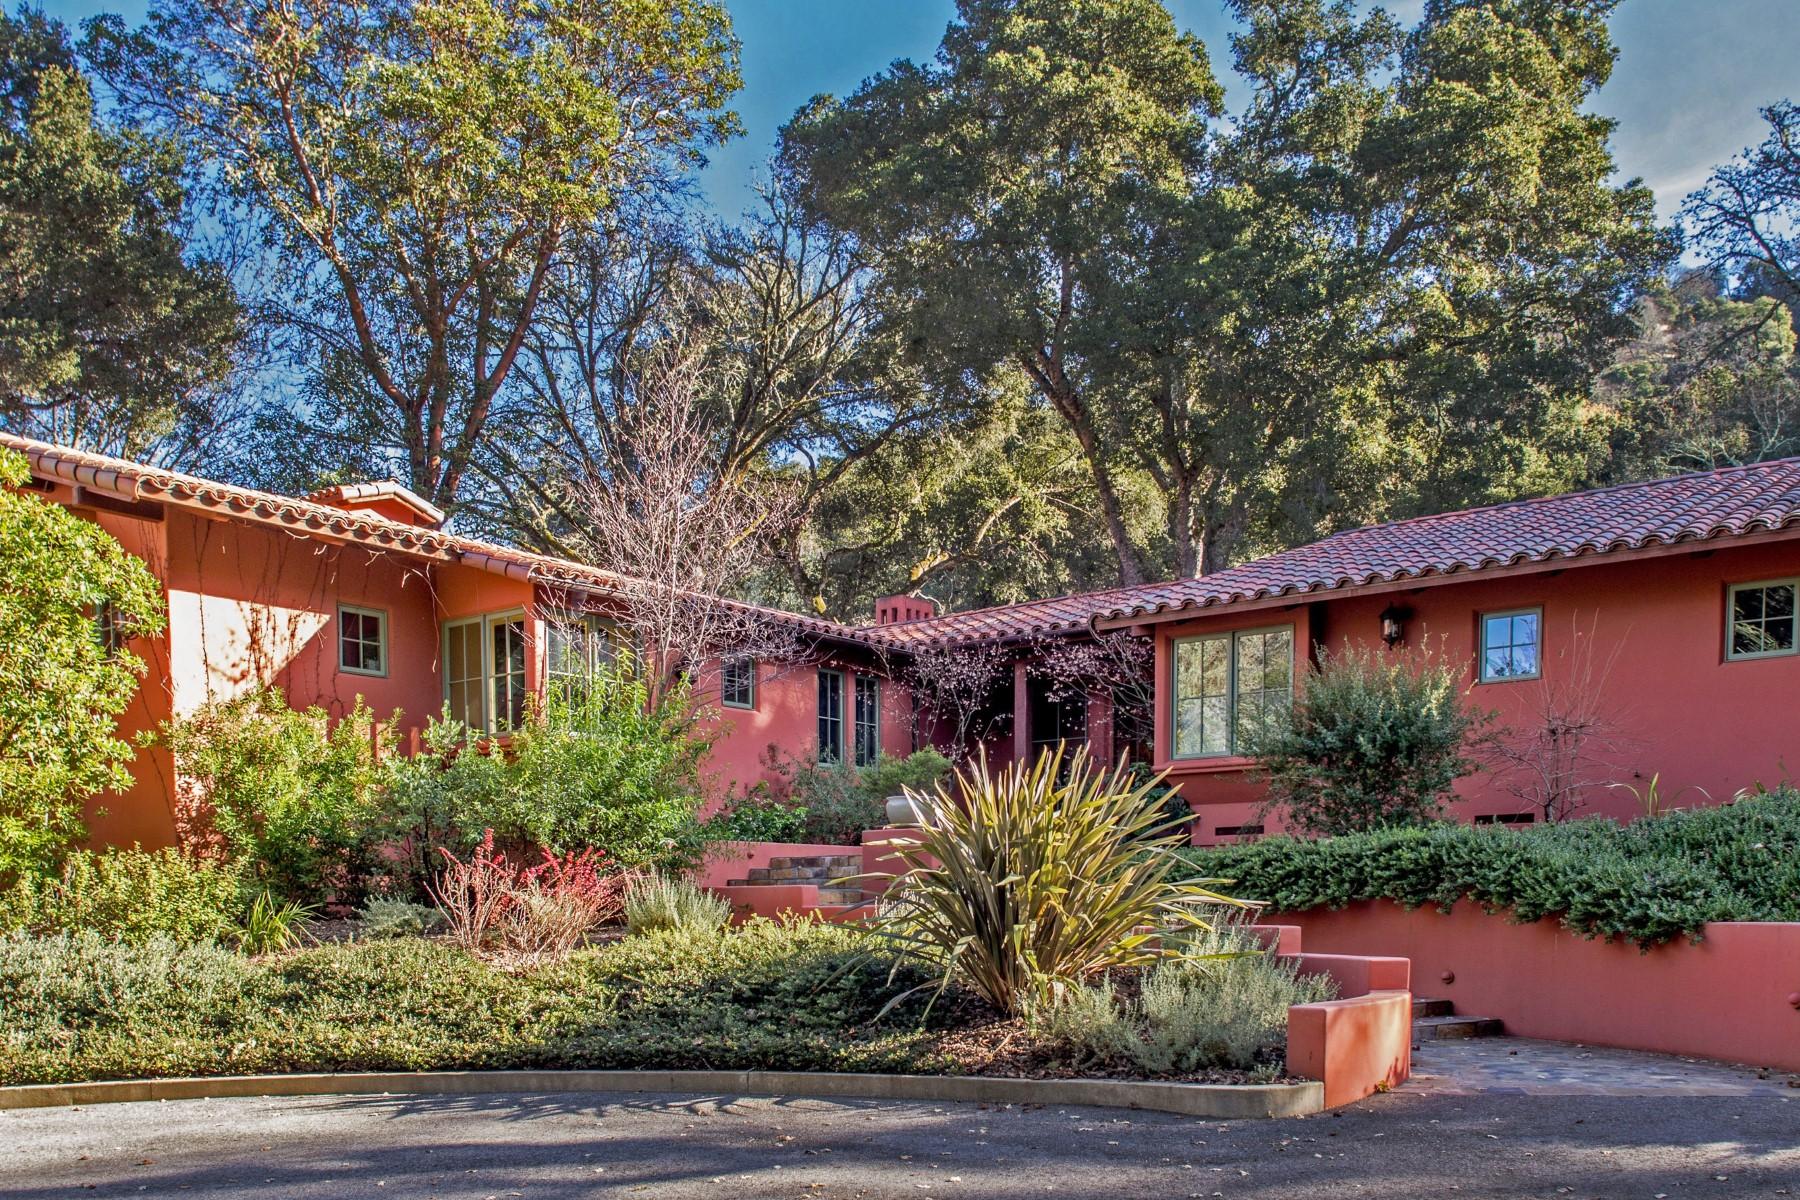 獨棟家庭住宅 為 出售 在 Arroyo Sequoia 16 Arroyo Sequoia Carmel, 加利福尼亞州 93923 美國